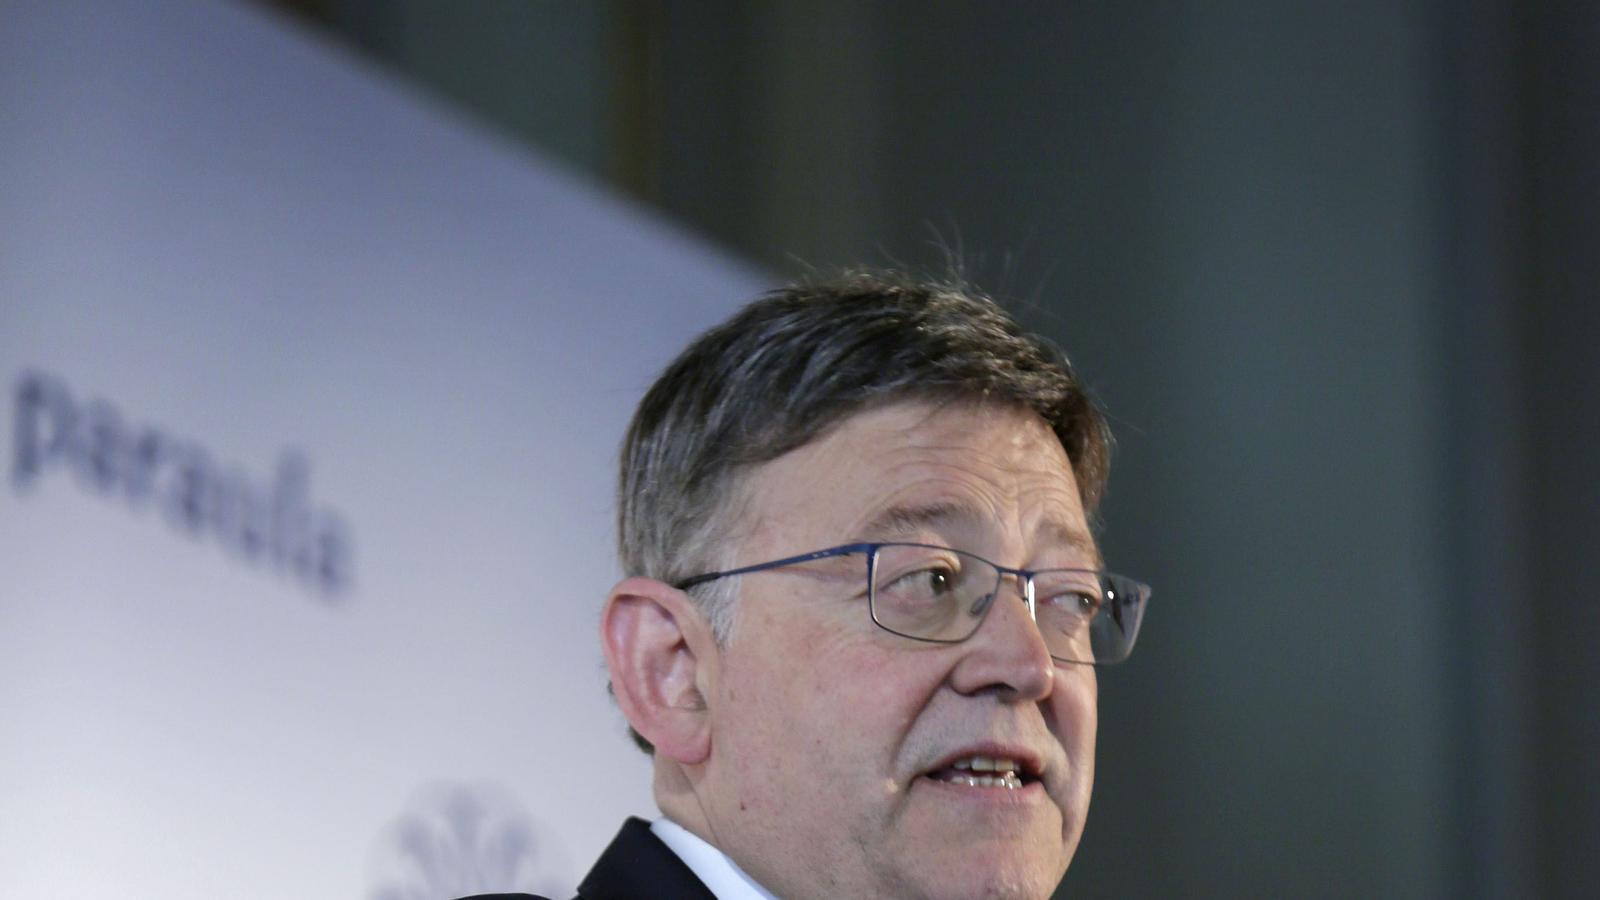 El president de la Generalitat Valenciana, Ximo Puig, creu que el govern espanyol defensa la desigualtat mantenint l'actual sistema de finançament.